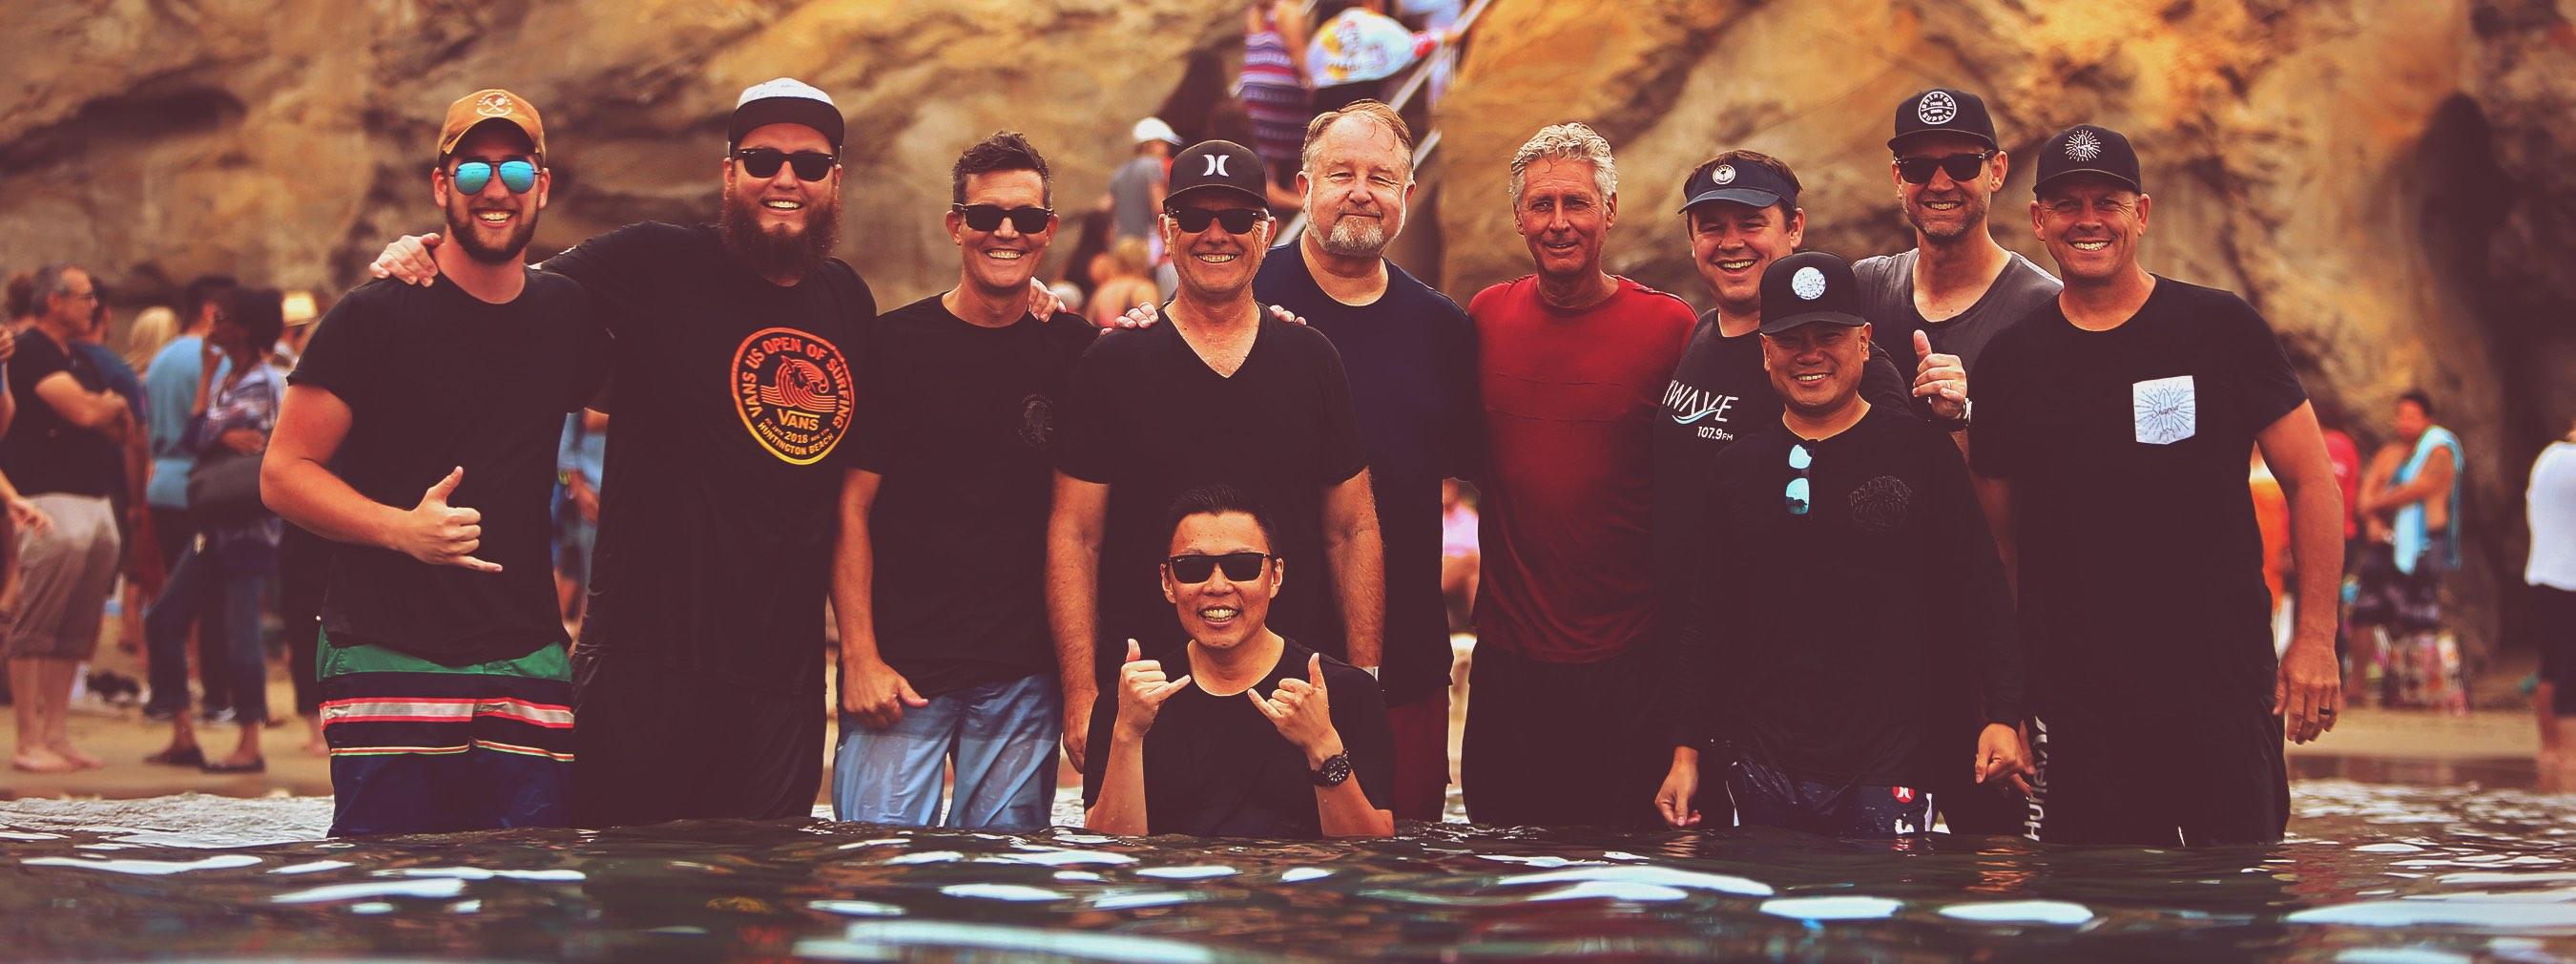 PiratesCove_Baptism_Team